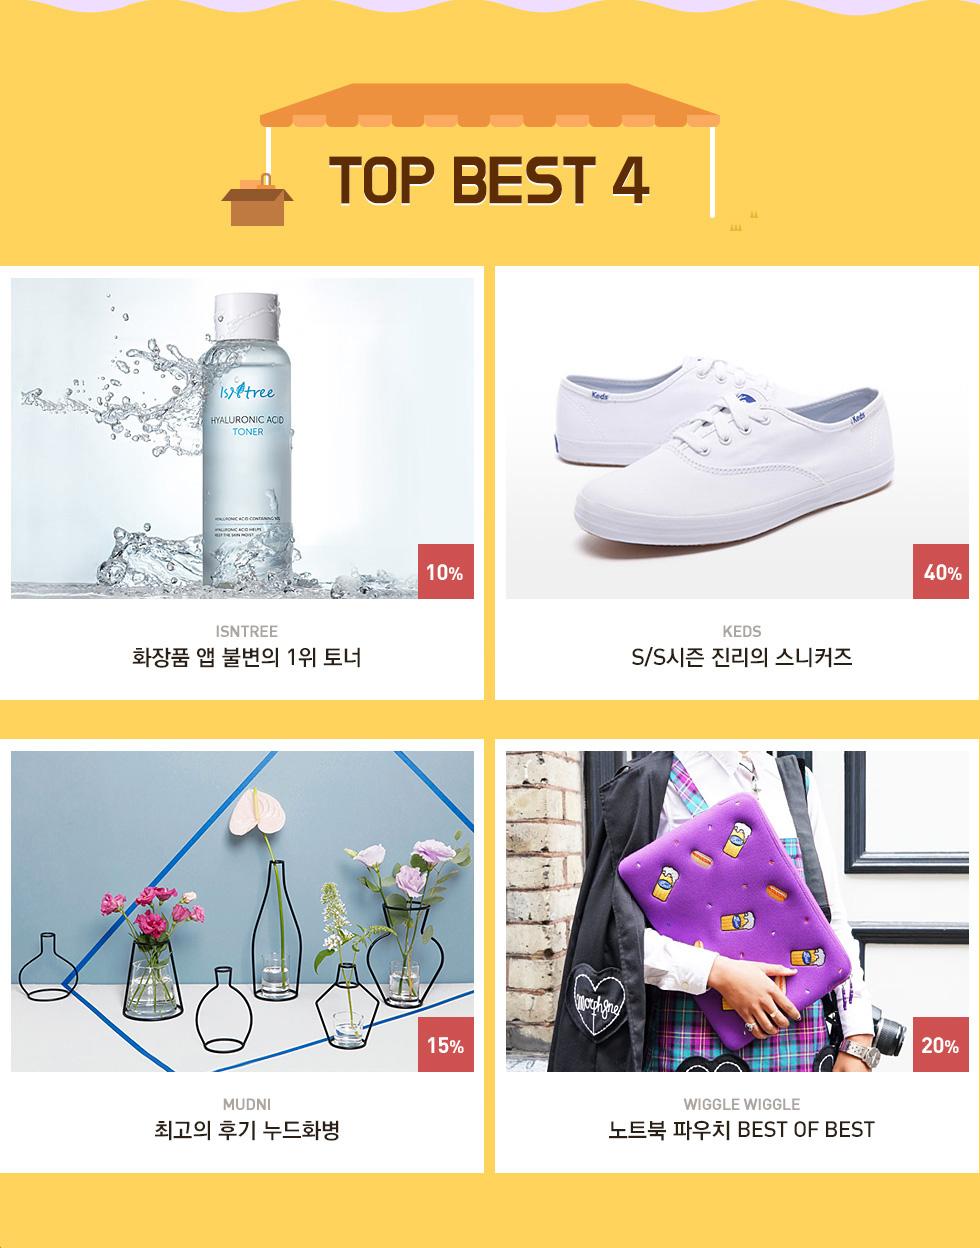 TOP BEST 4